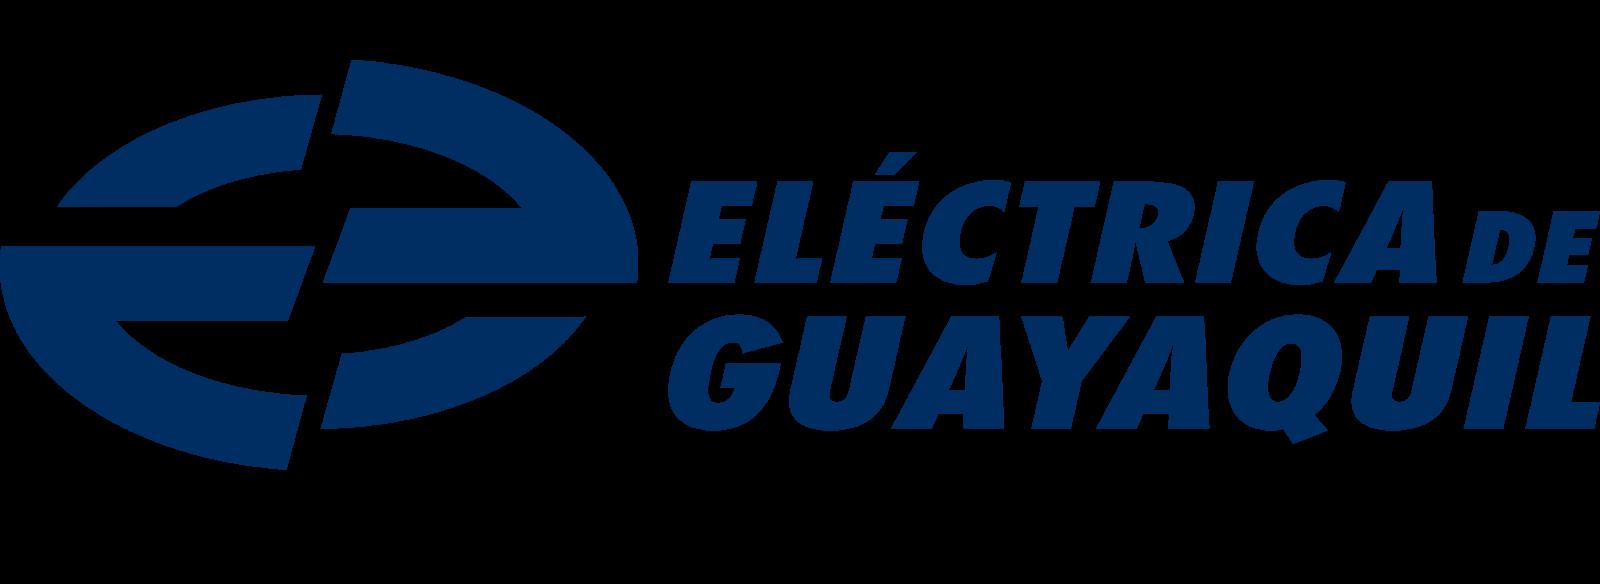 Eléctrica de Guayaquil